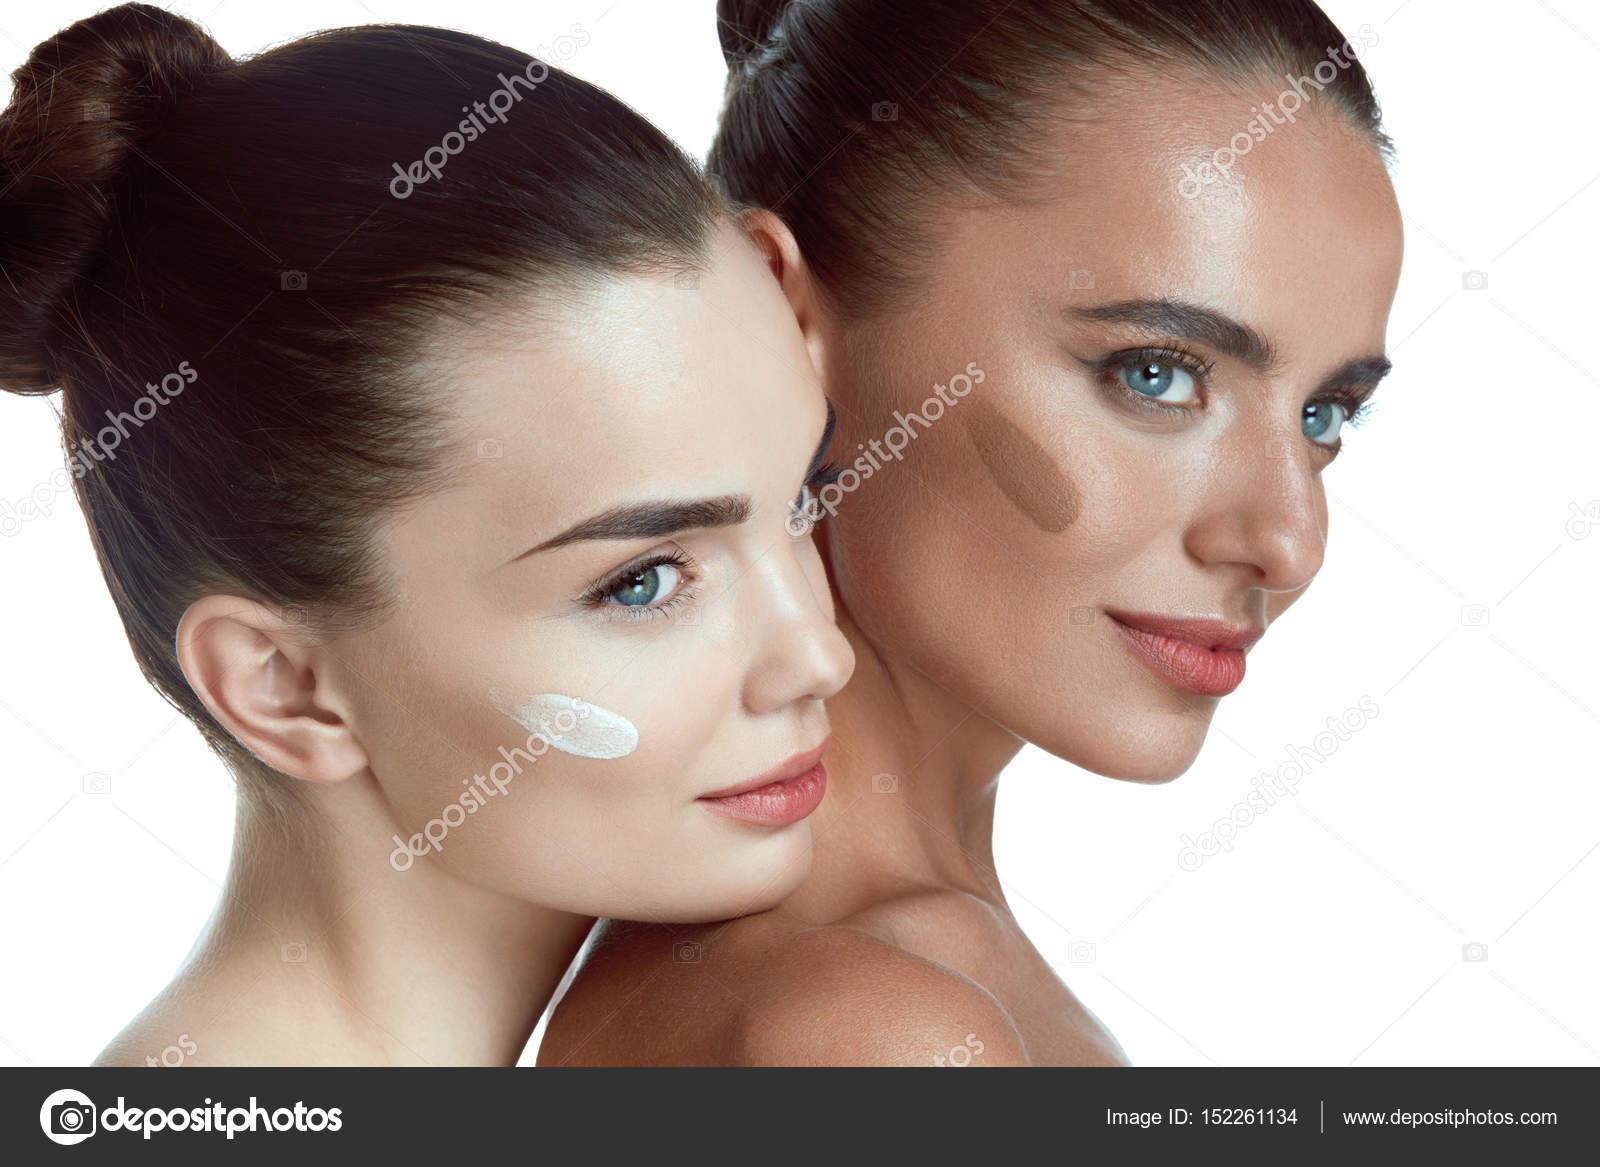 Imagenes De Maquillaje Para Descargar: Rostros De Mujeres Bellas Para Descargar